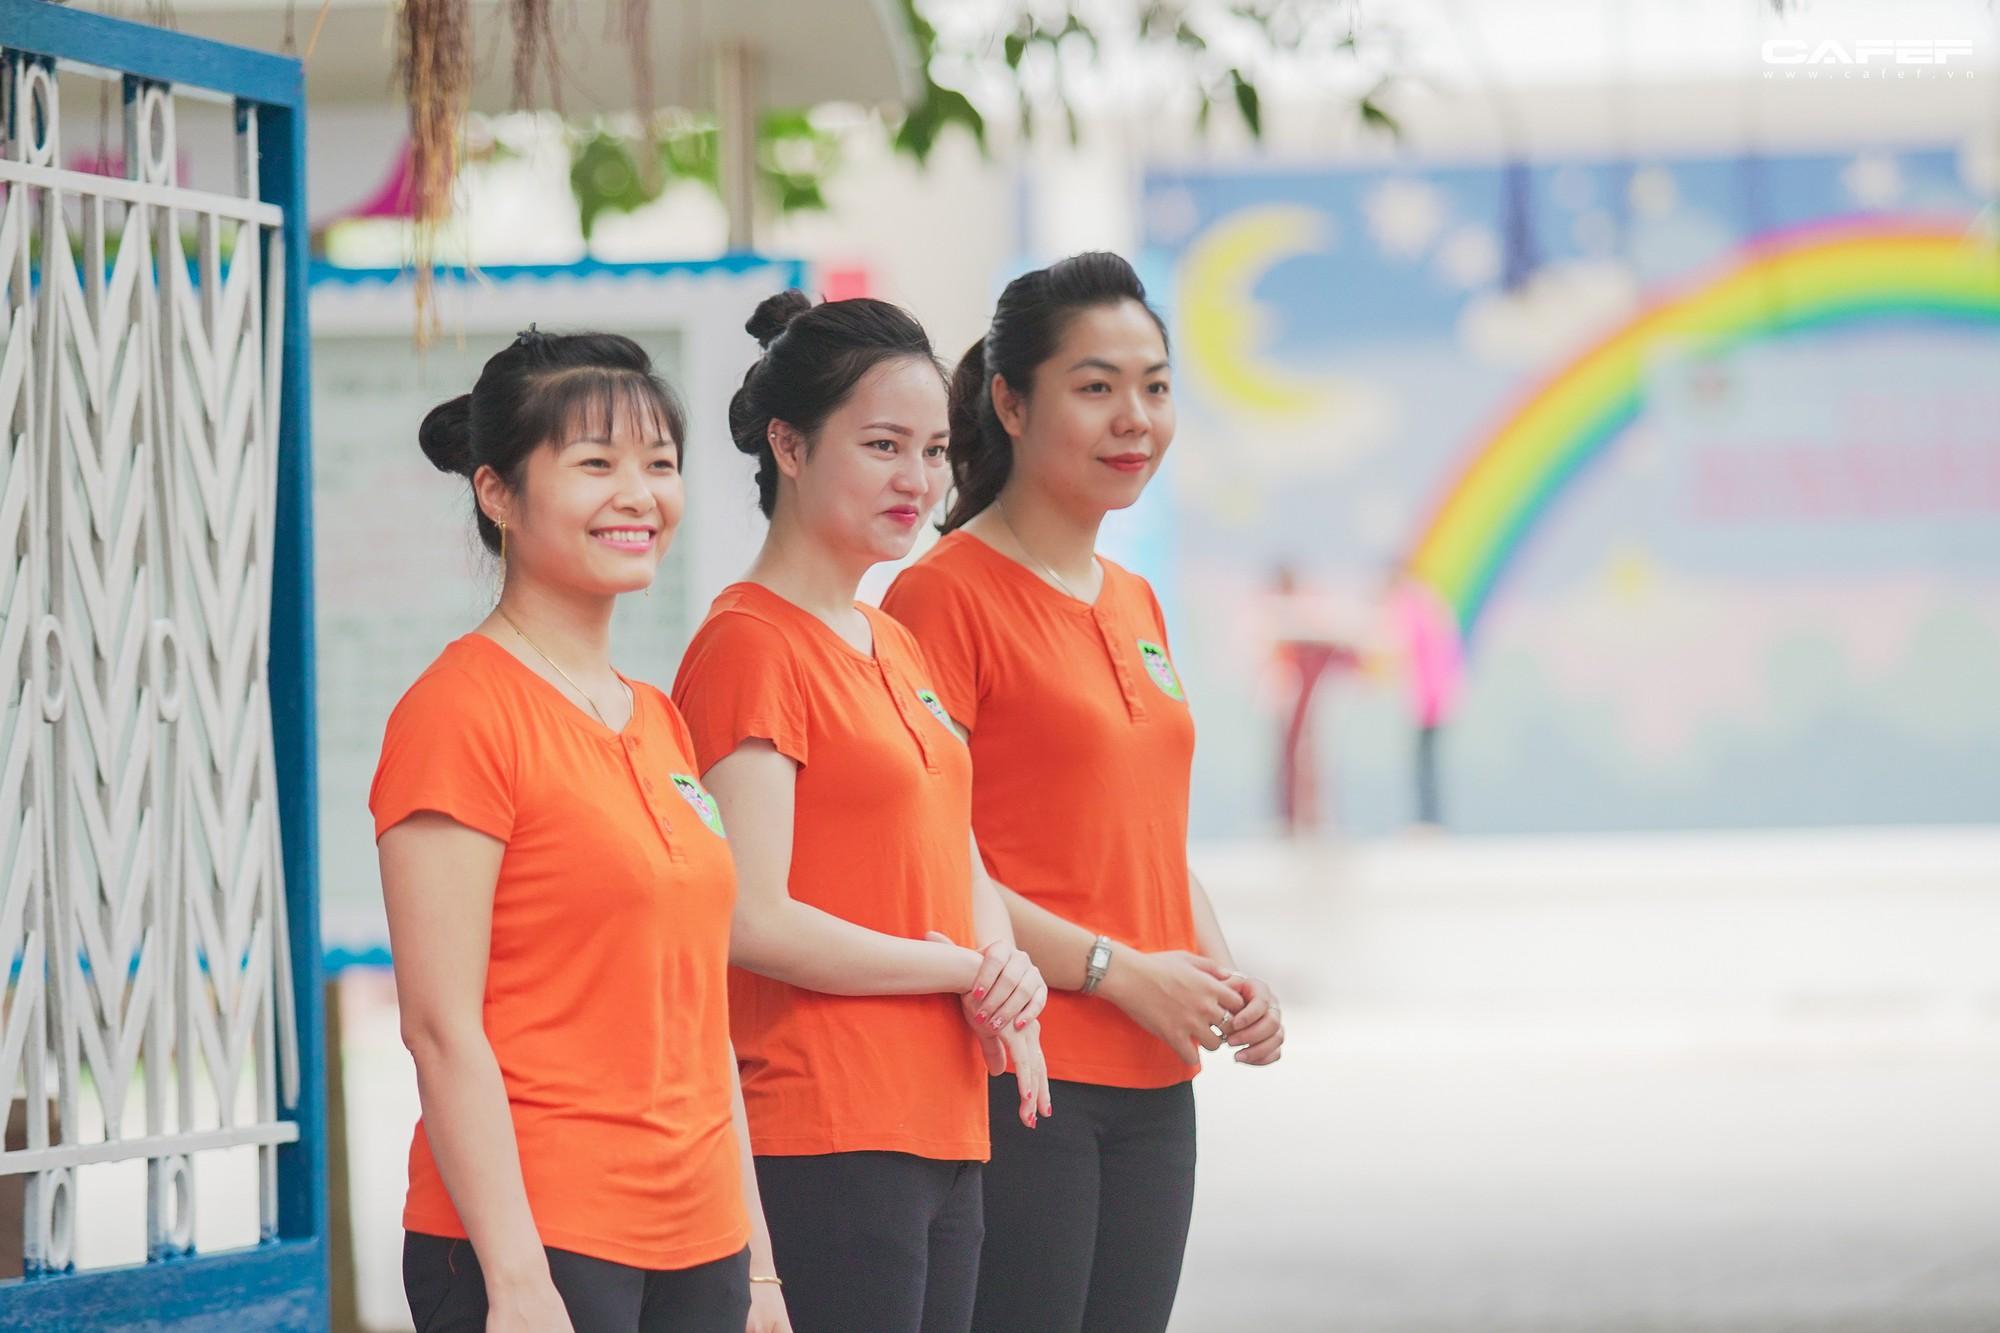 Ký ức ngọt ngào về Triều Tiên của ngôi trường mẫu giáo đặc biệt ở Hà Nội - Ảnh 4.